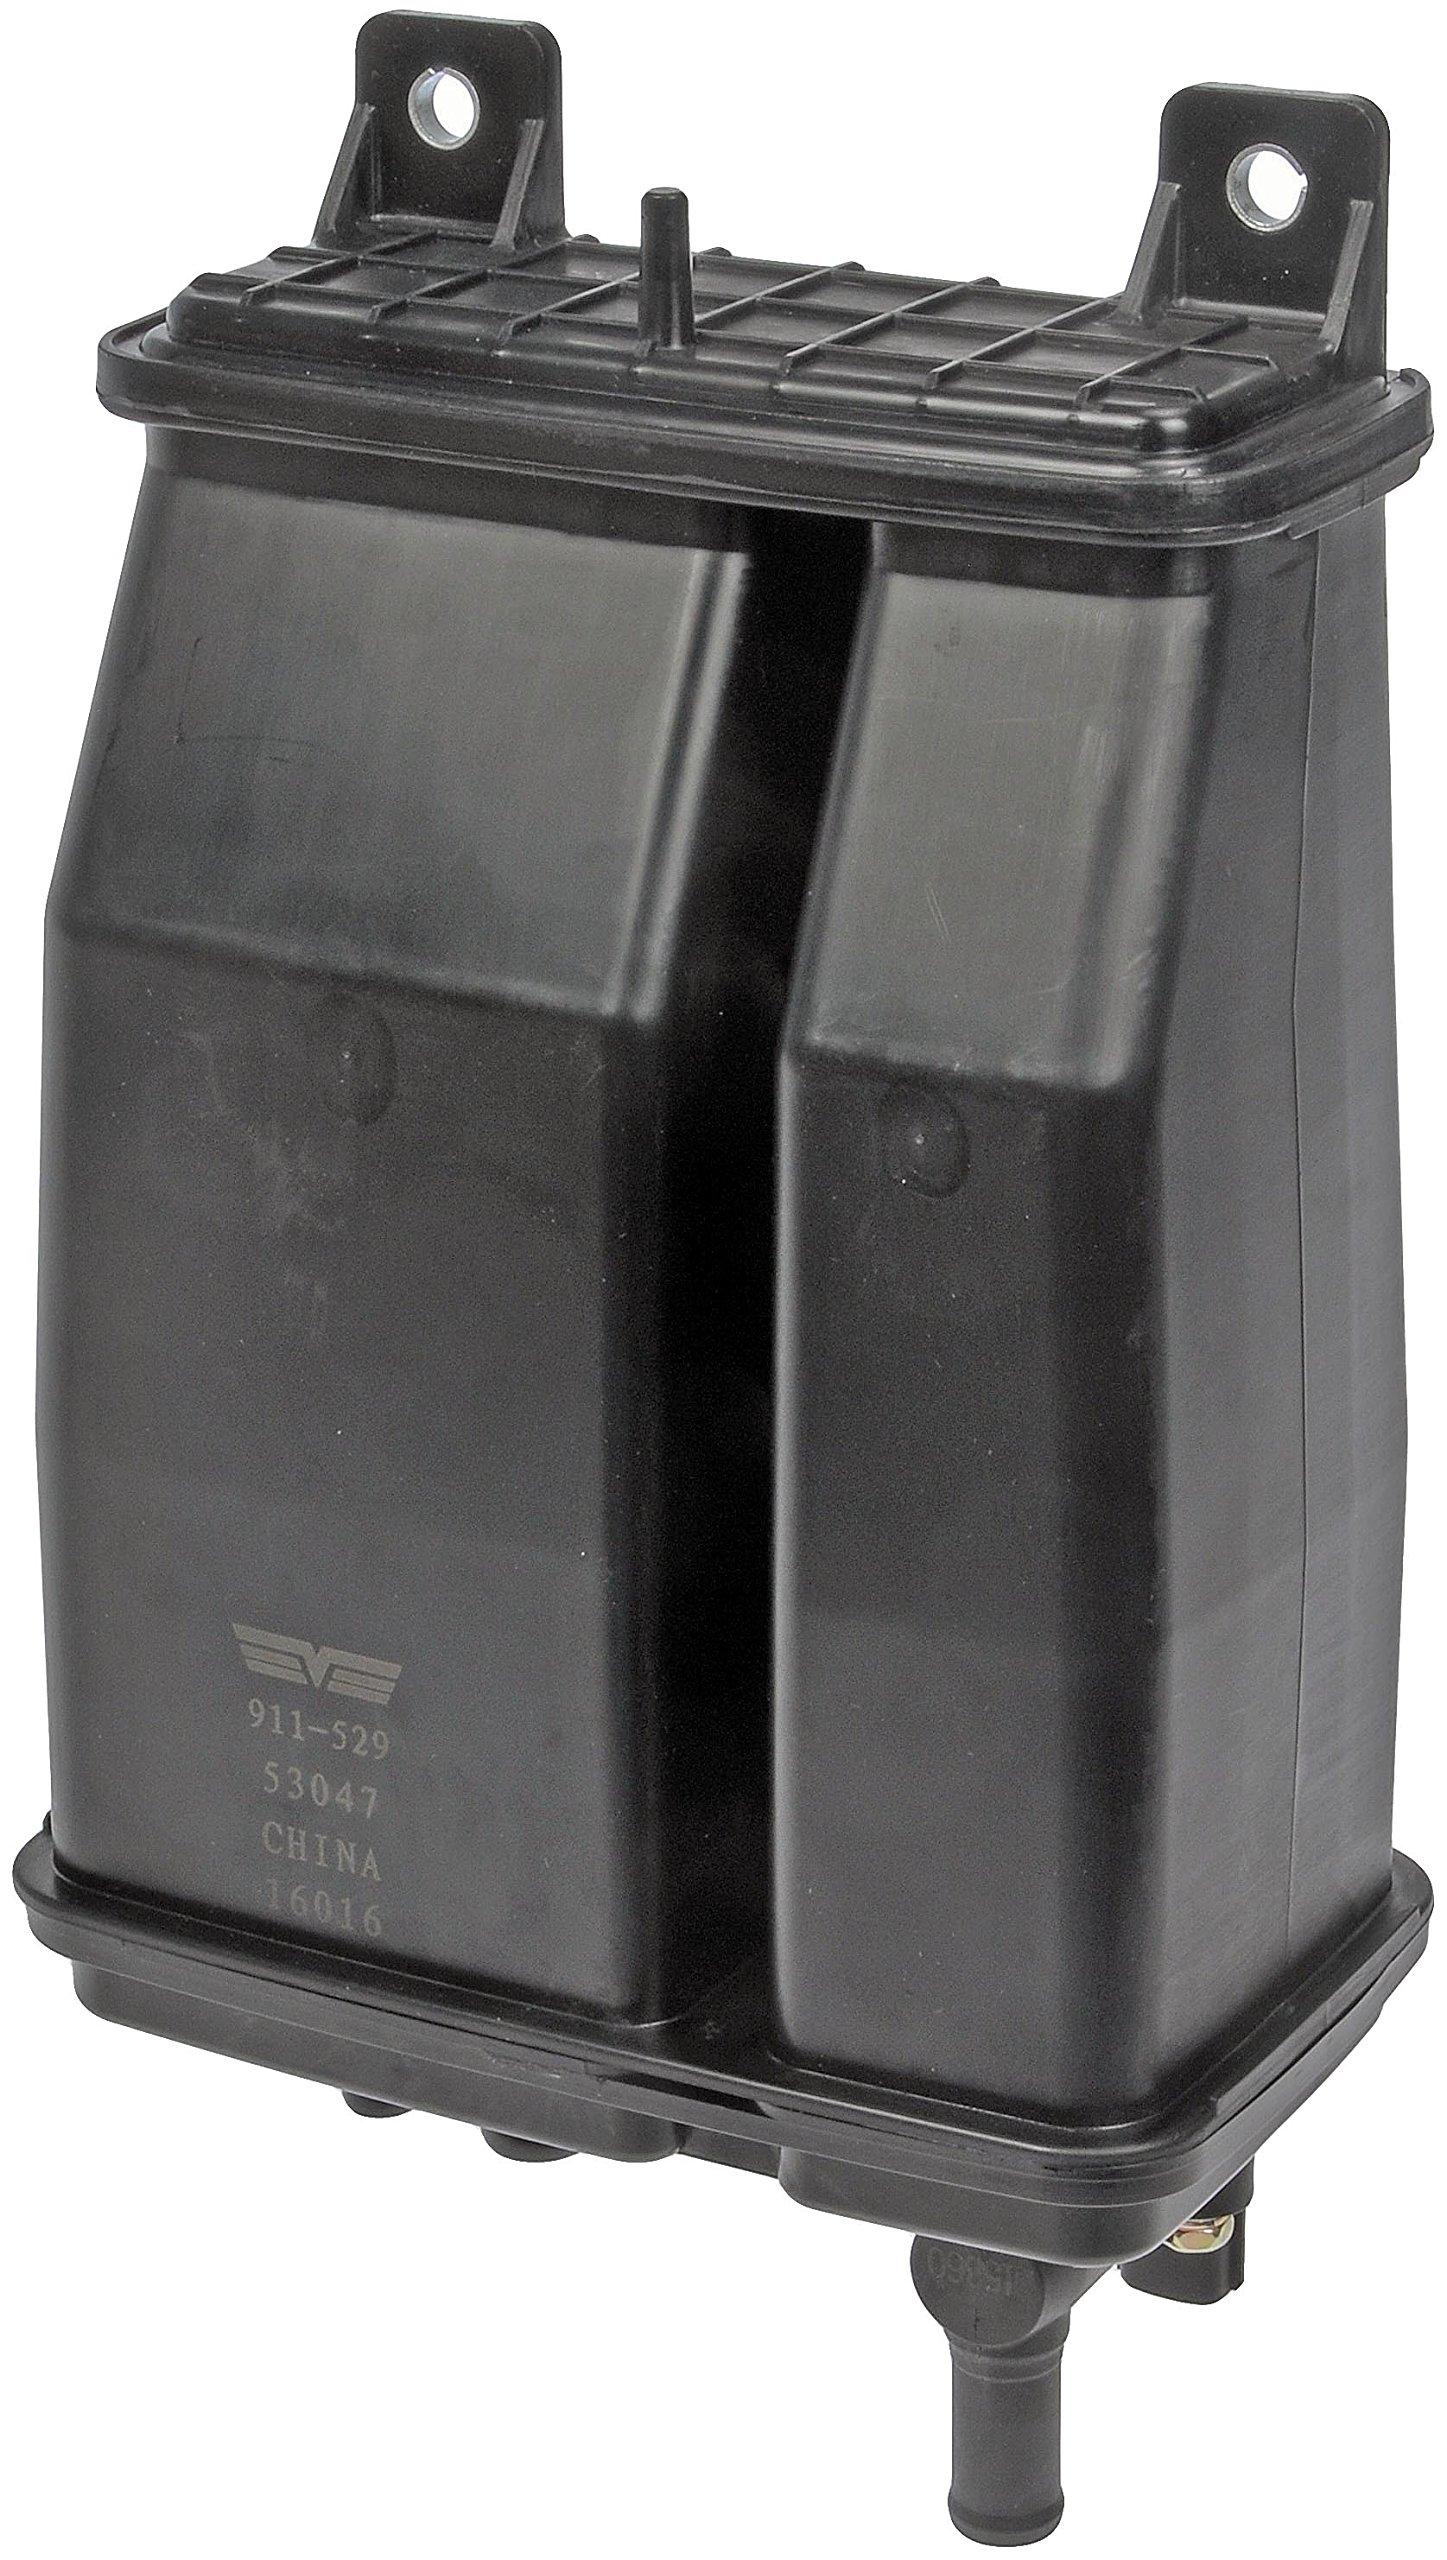 Dorman 911-529 Evaporative Fuel Vapor Canister